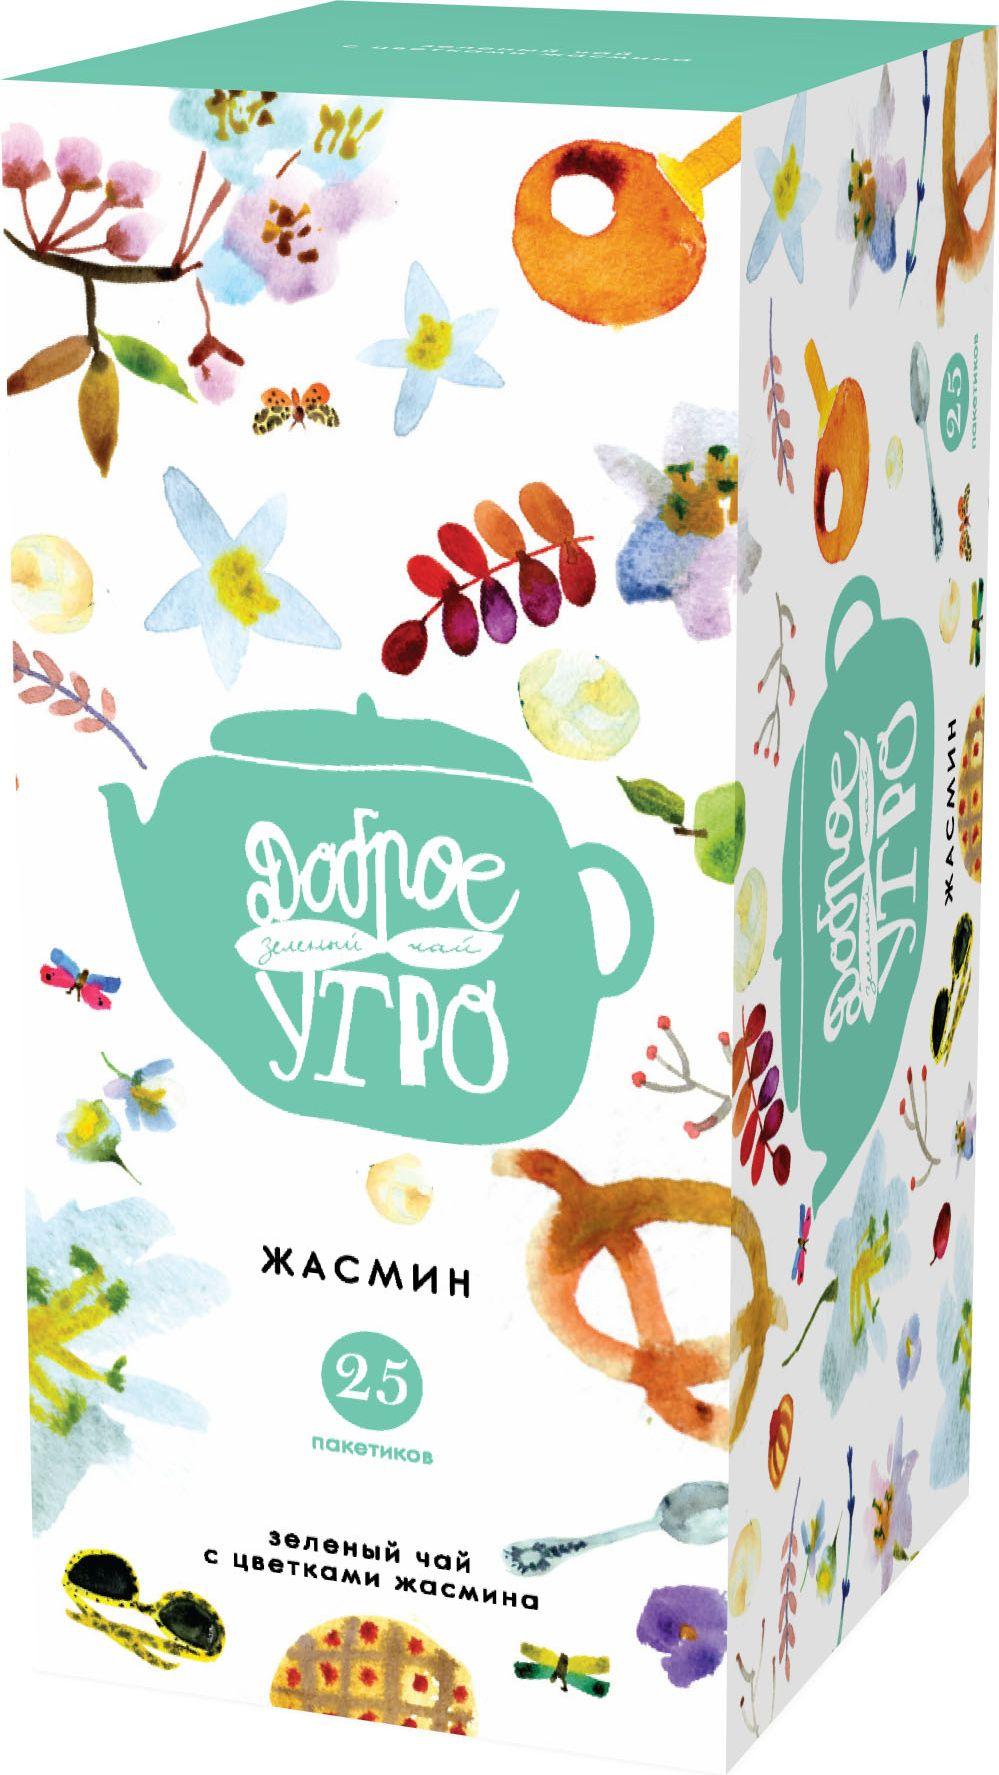 Доброе утро Жасмин зеленый чай в пакетиках, 25 шт c lc006 100g 100% естественный самый свежий чай цветка жасмина органический зеленый чай здравствулте